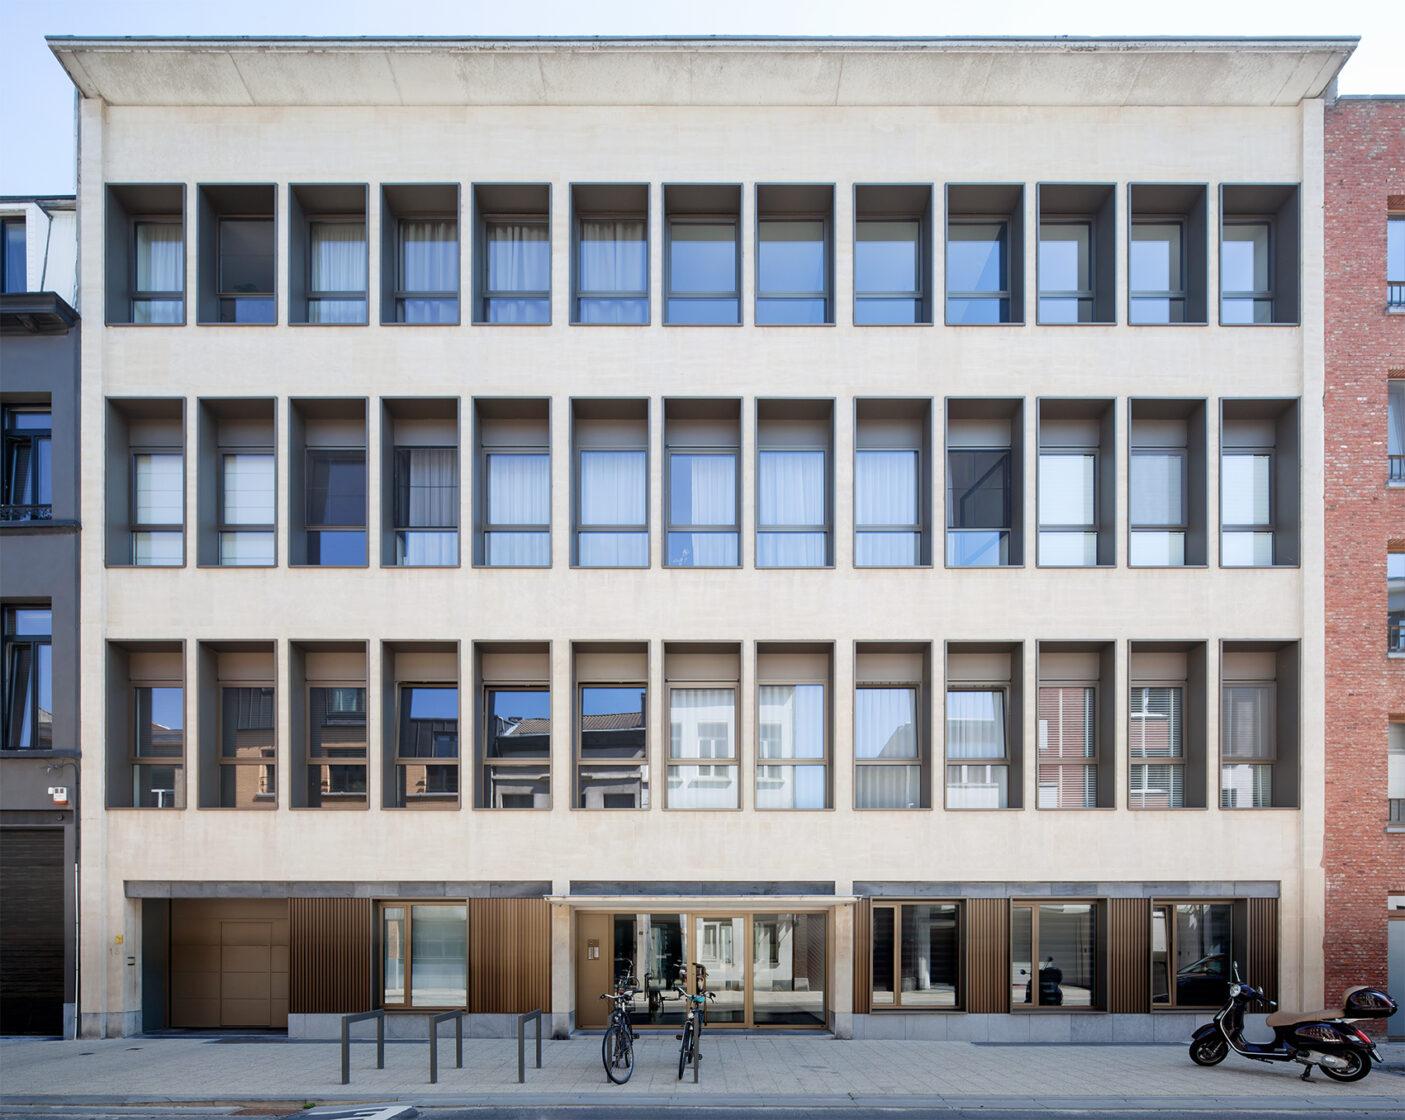 LOW-architecten-Britselei-ANTWERPEN-022web.jpg